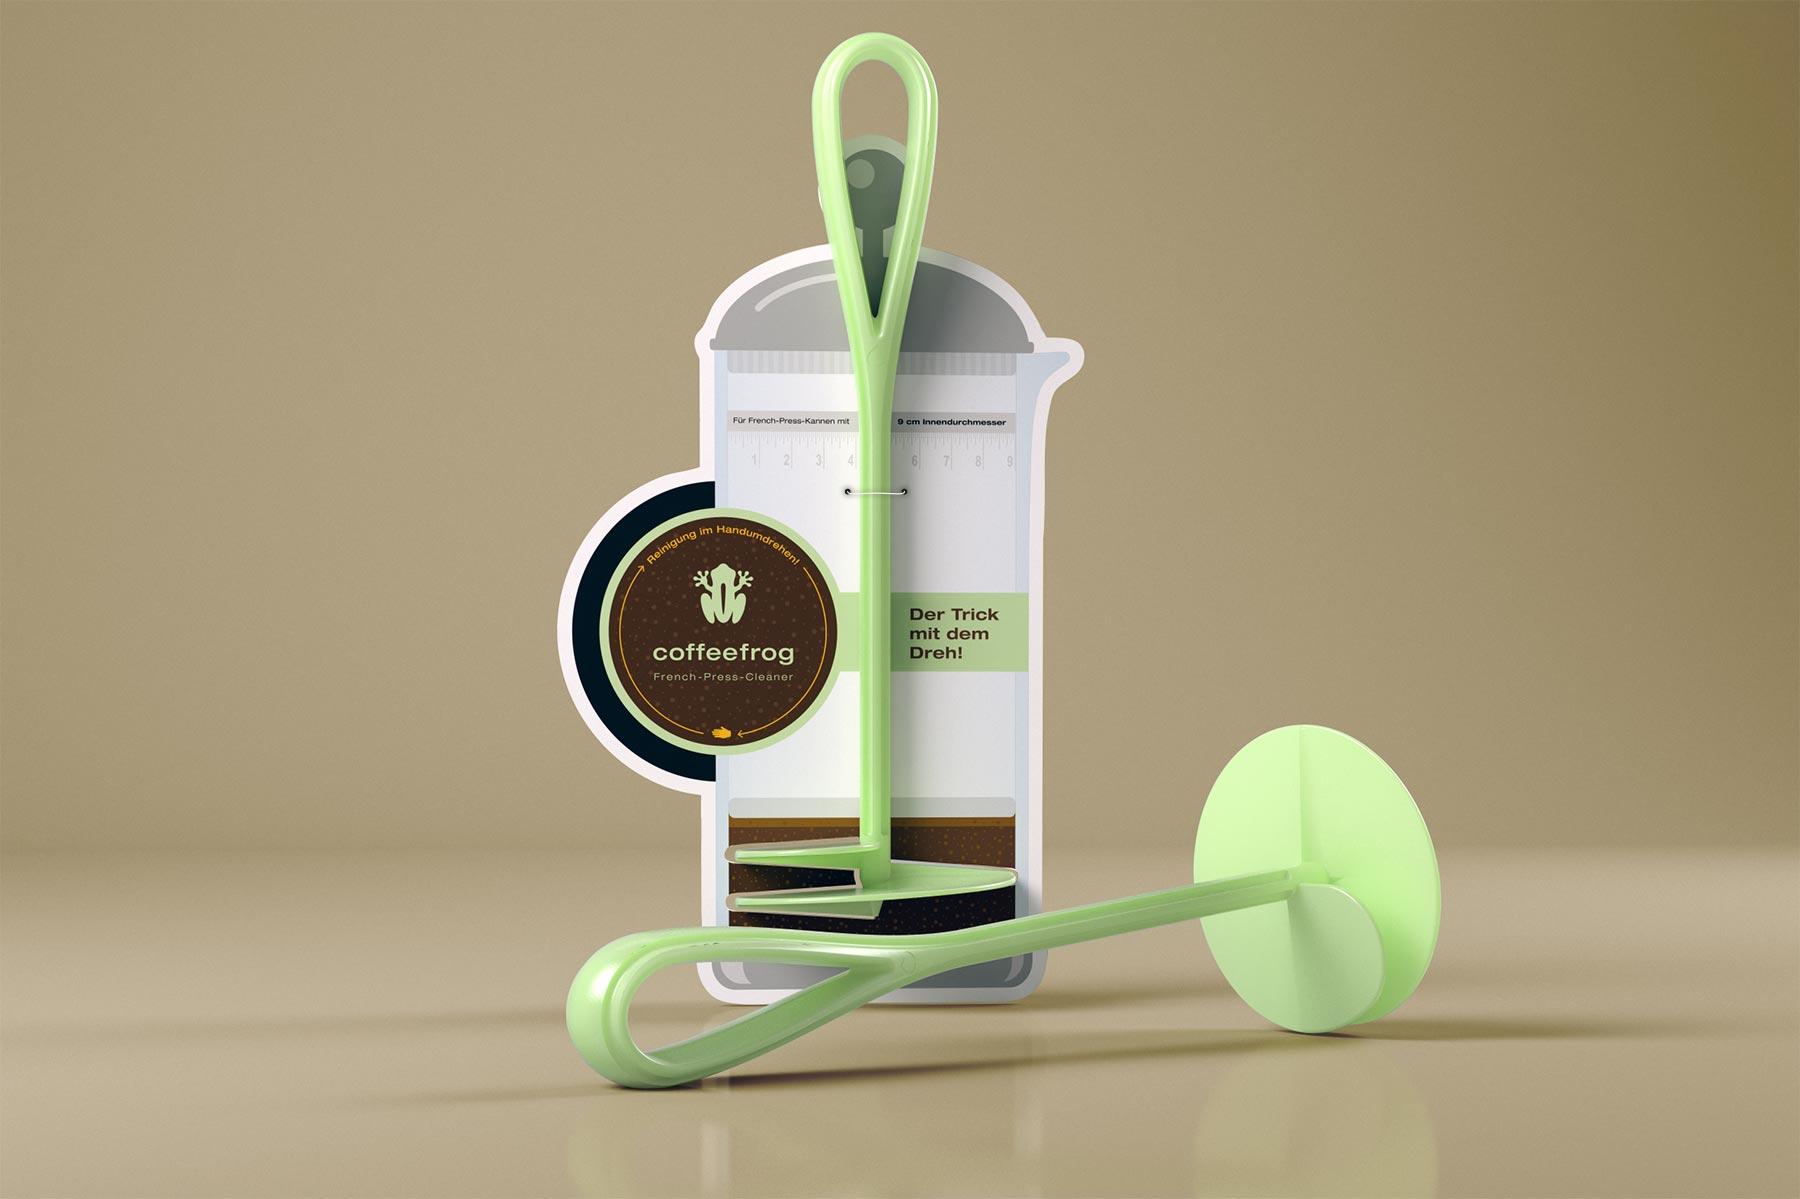 Coffeefrog, Produktverpackung, Packaging, Verpackungsdesign, Kampagnenmotiv